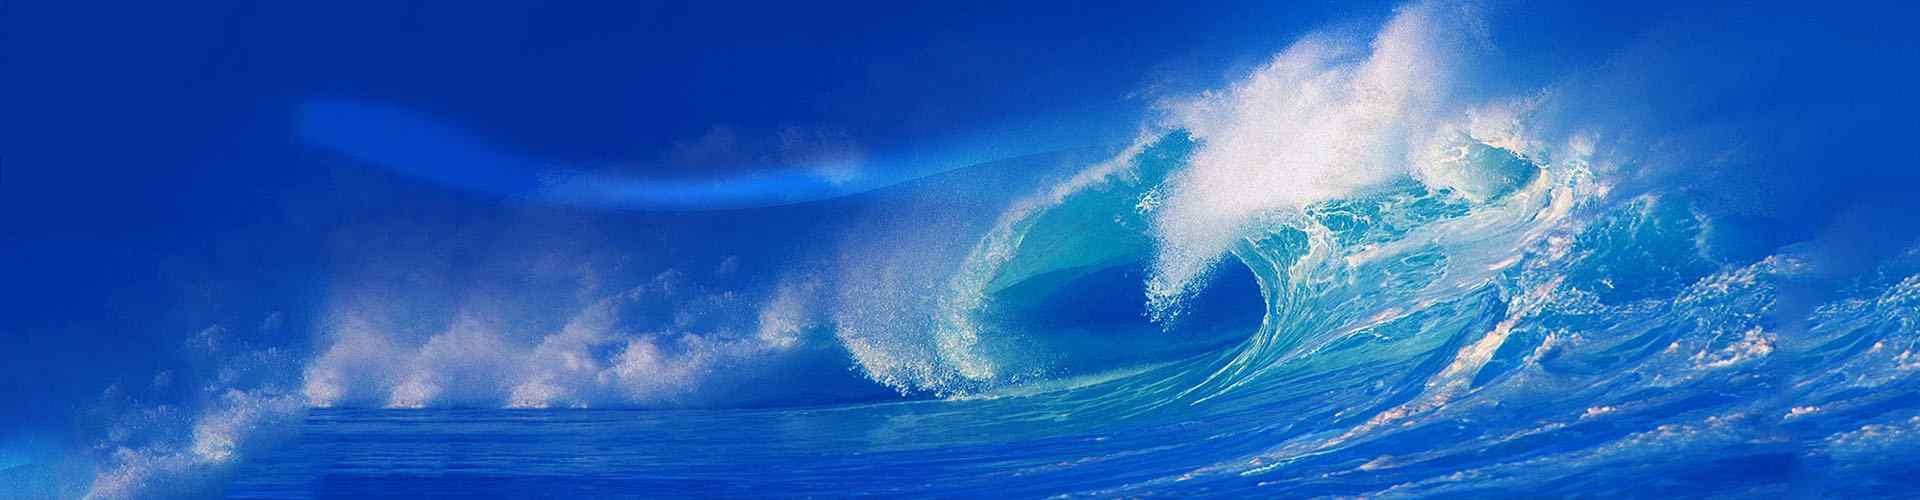 海浪风景_海浪图片_海浪风景图片_唯美海浪图片_大海风景图片_风景壁纸